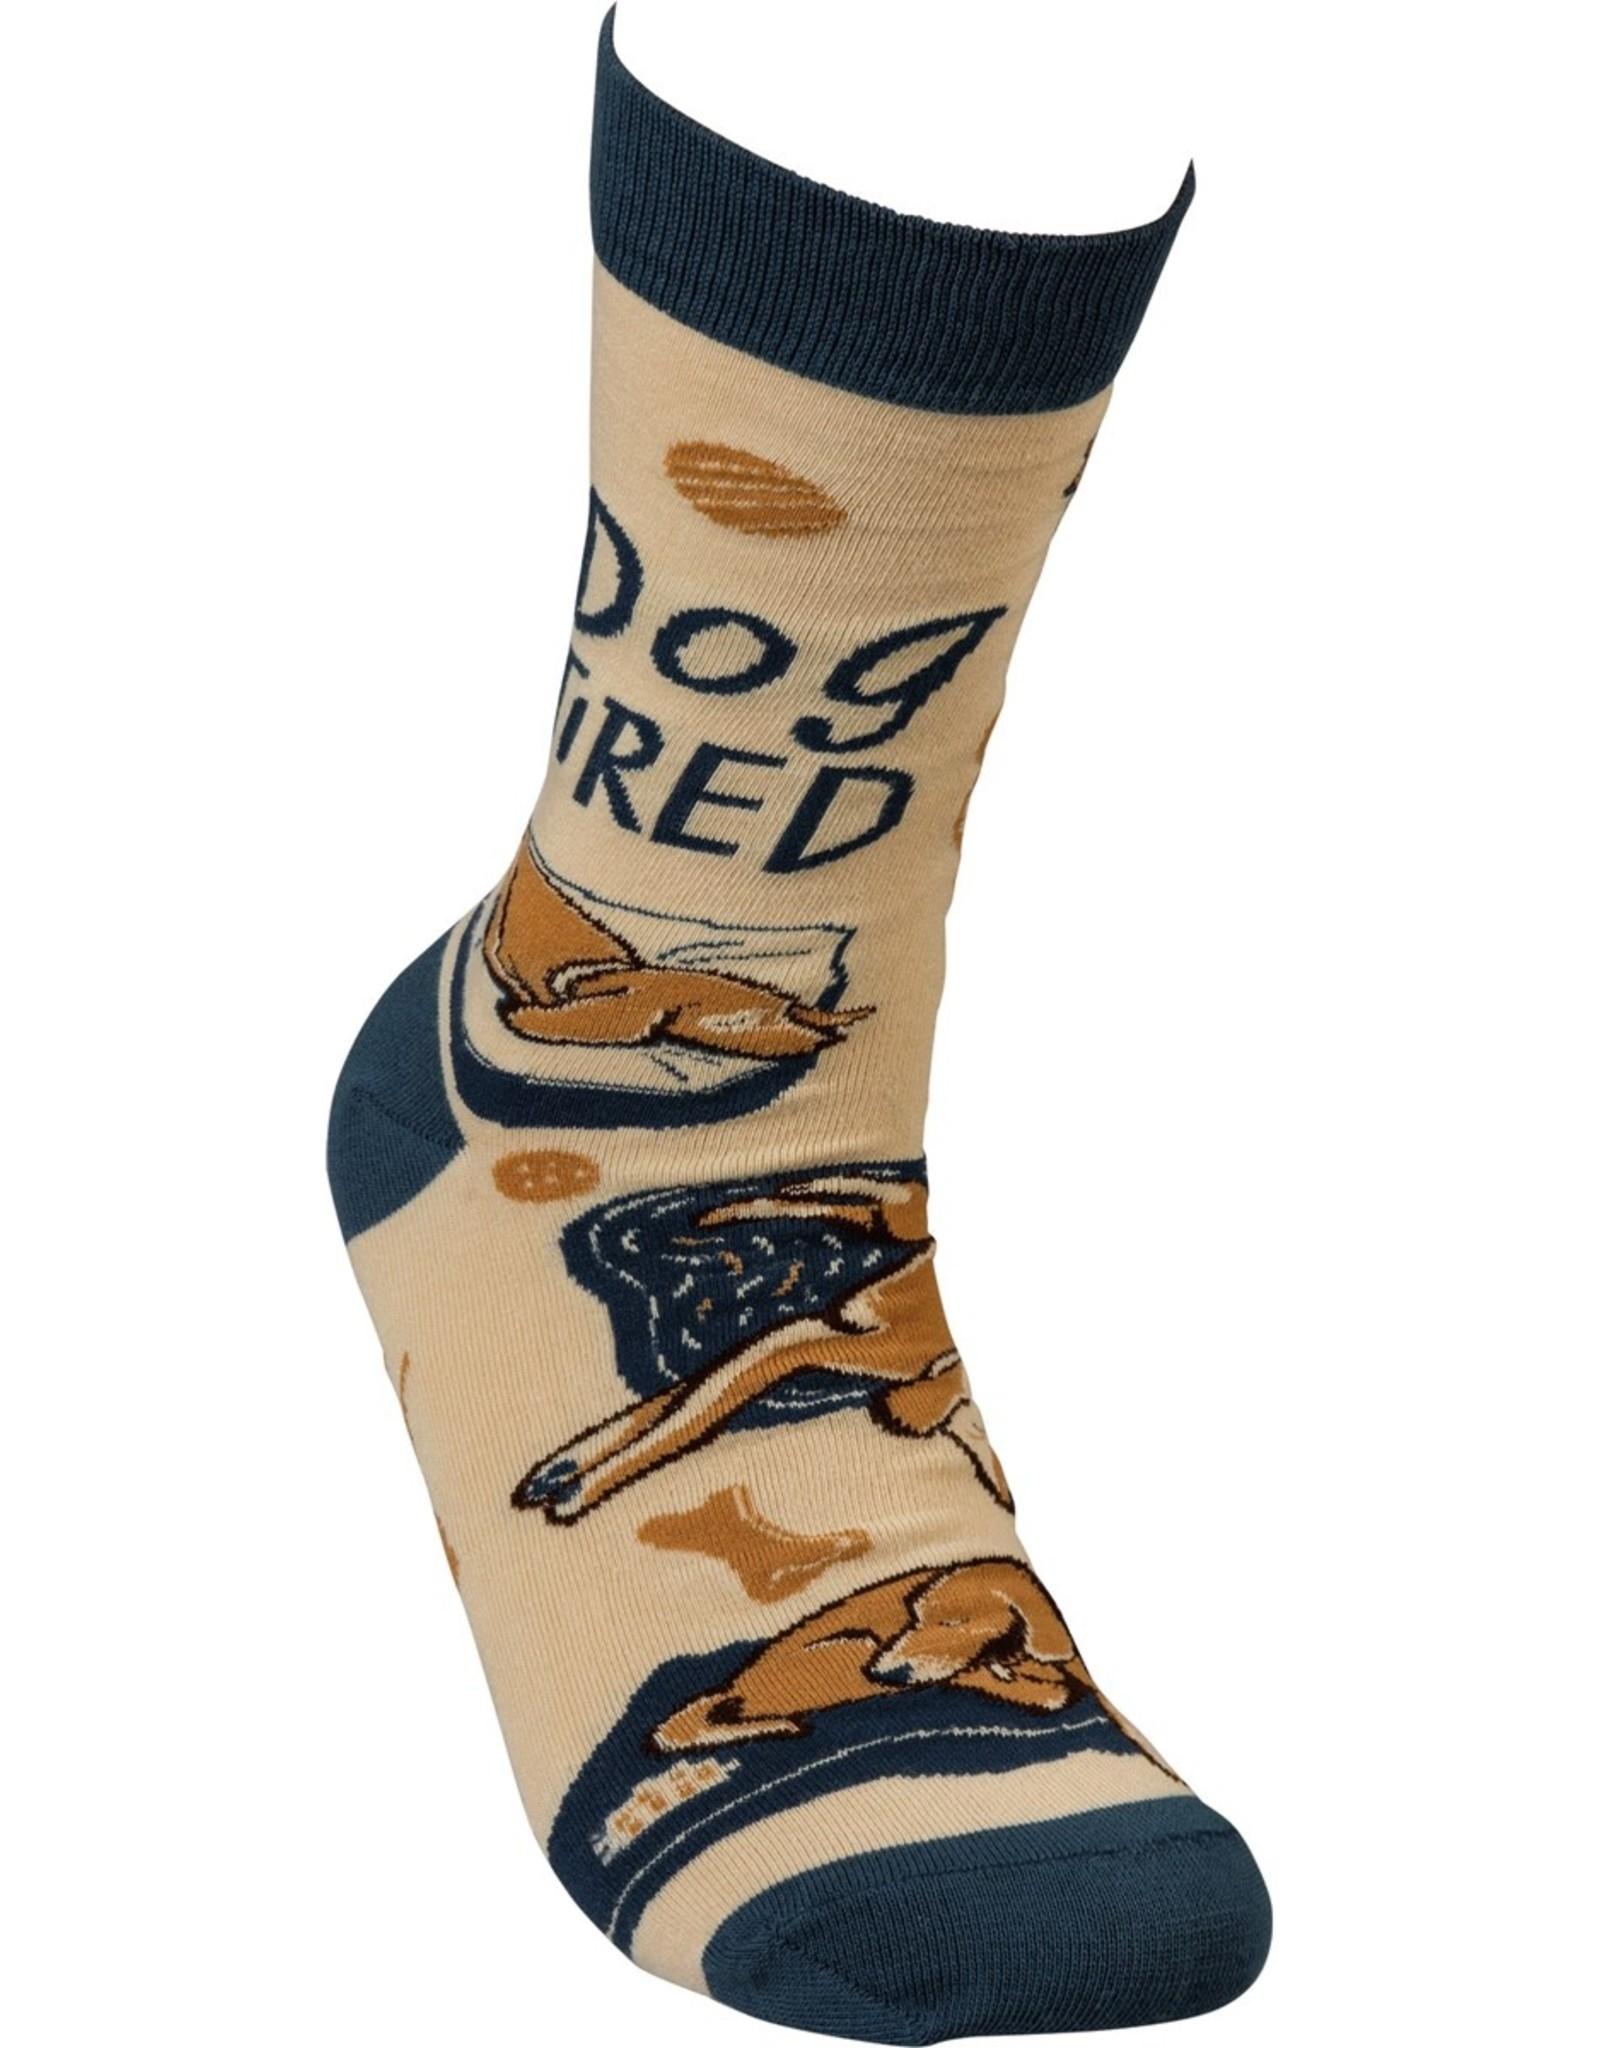 Dog Tired Unisex Socks